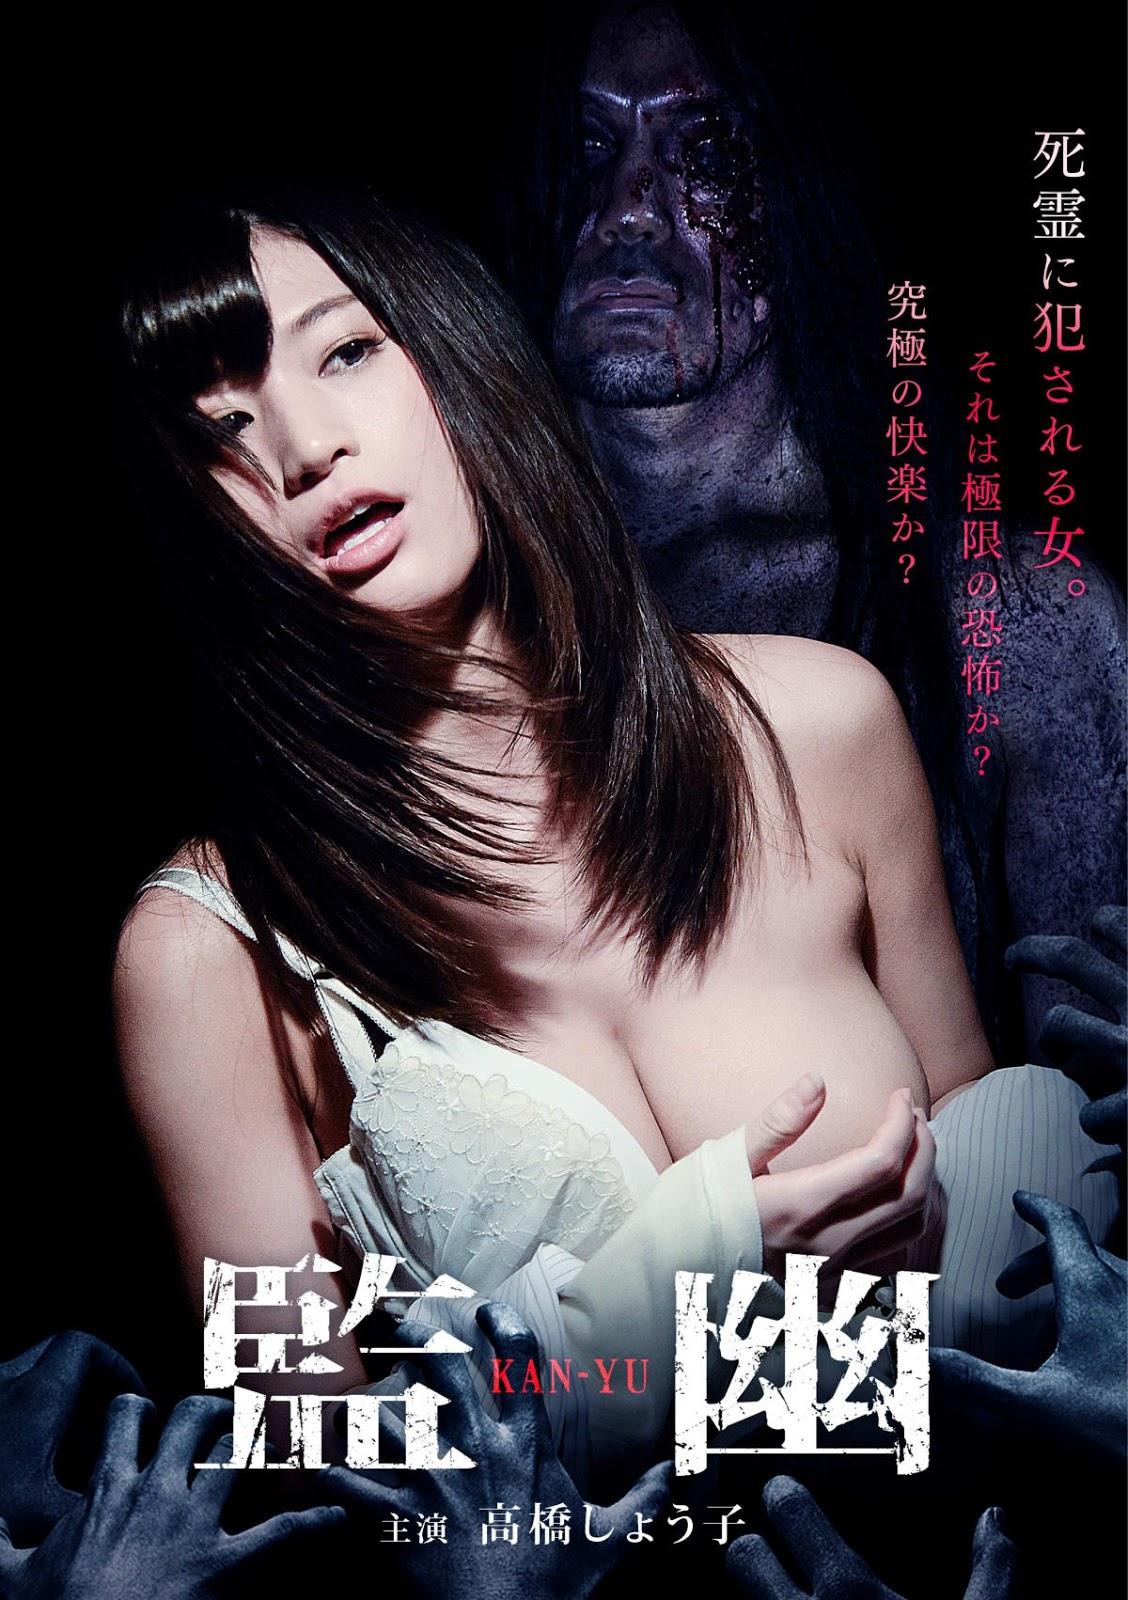 Actrices Porno Japonesas Del Momento la actriz porno japonesa shôko takahashi se pasa al terror